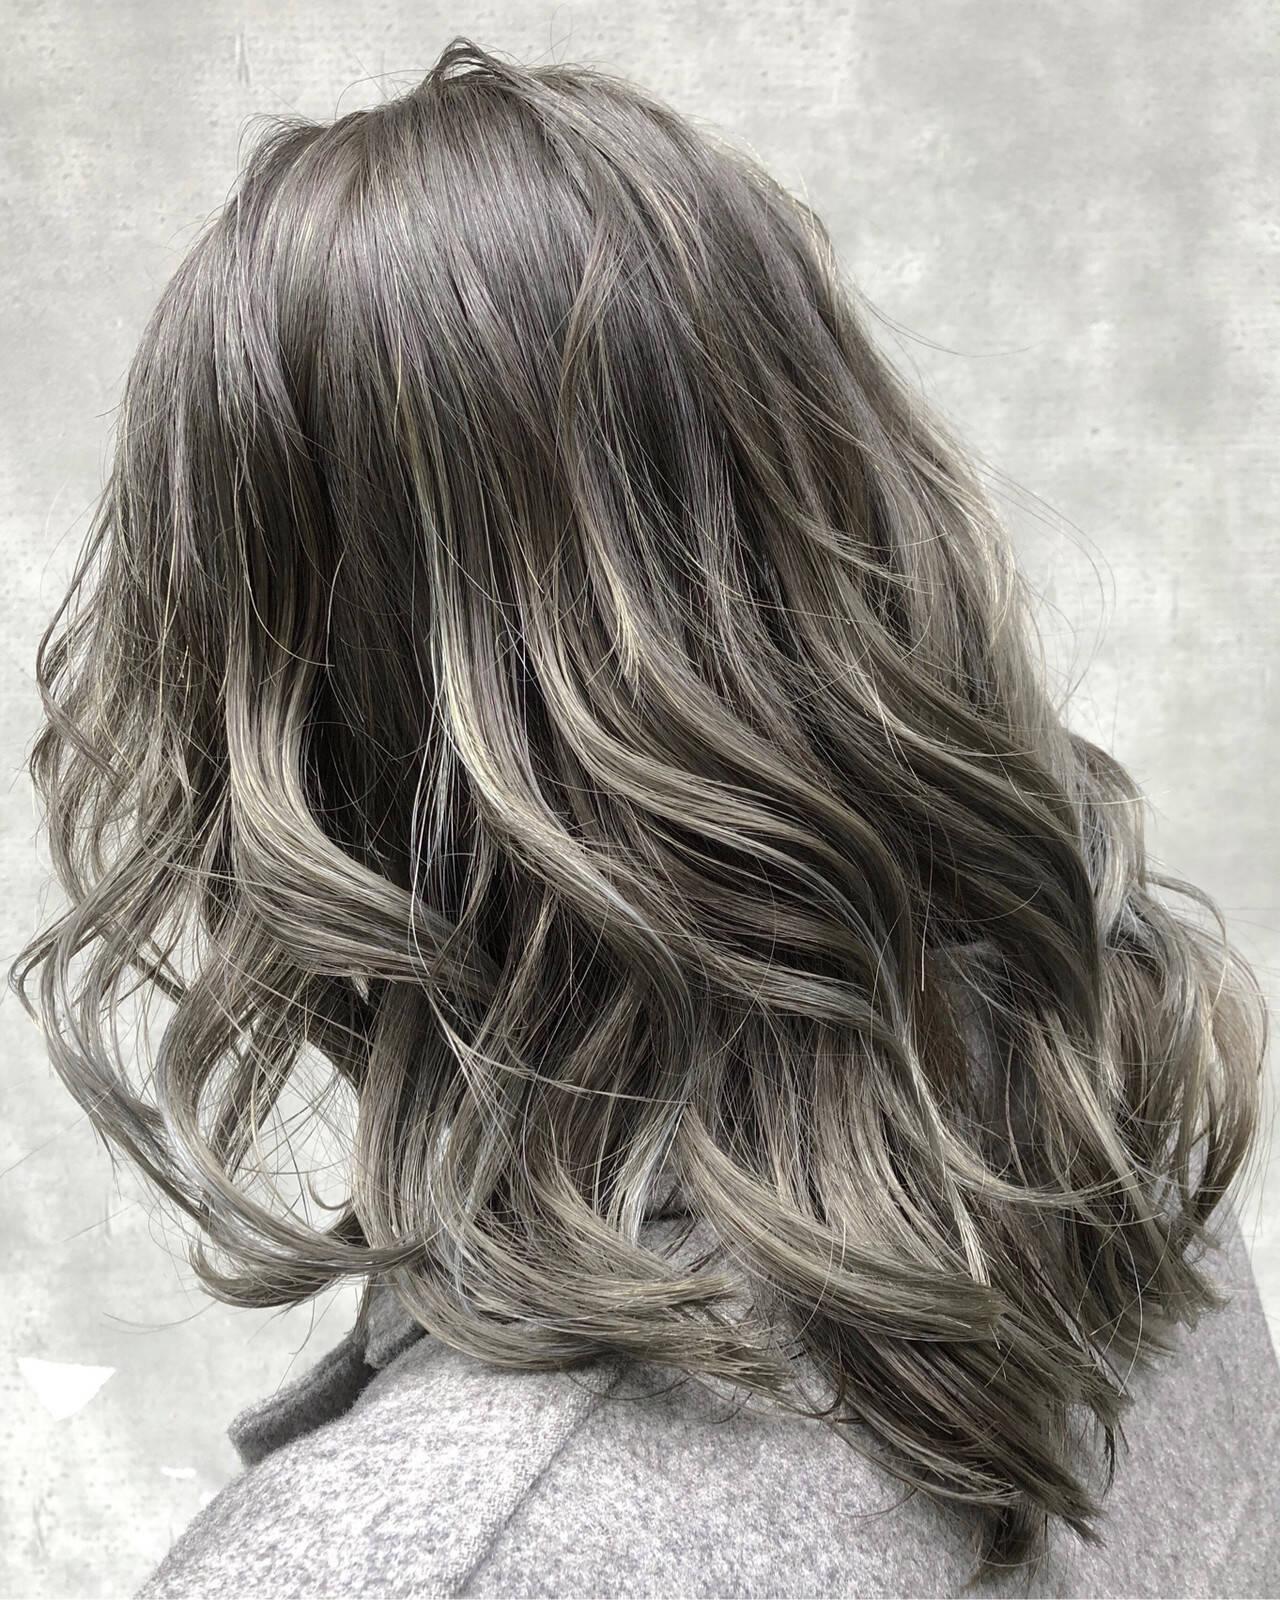 エレガント ハイライト アッシュグレージュ 簡単ヘアアレンジヘアスタイルや髪型の写真・画像